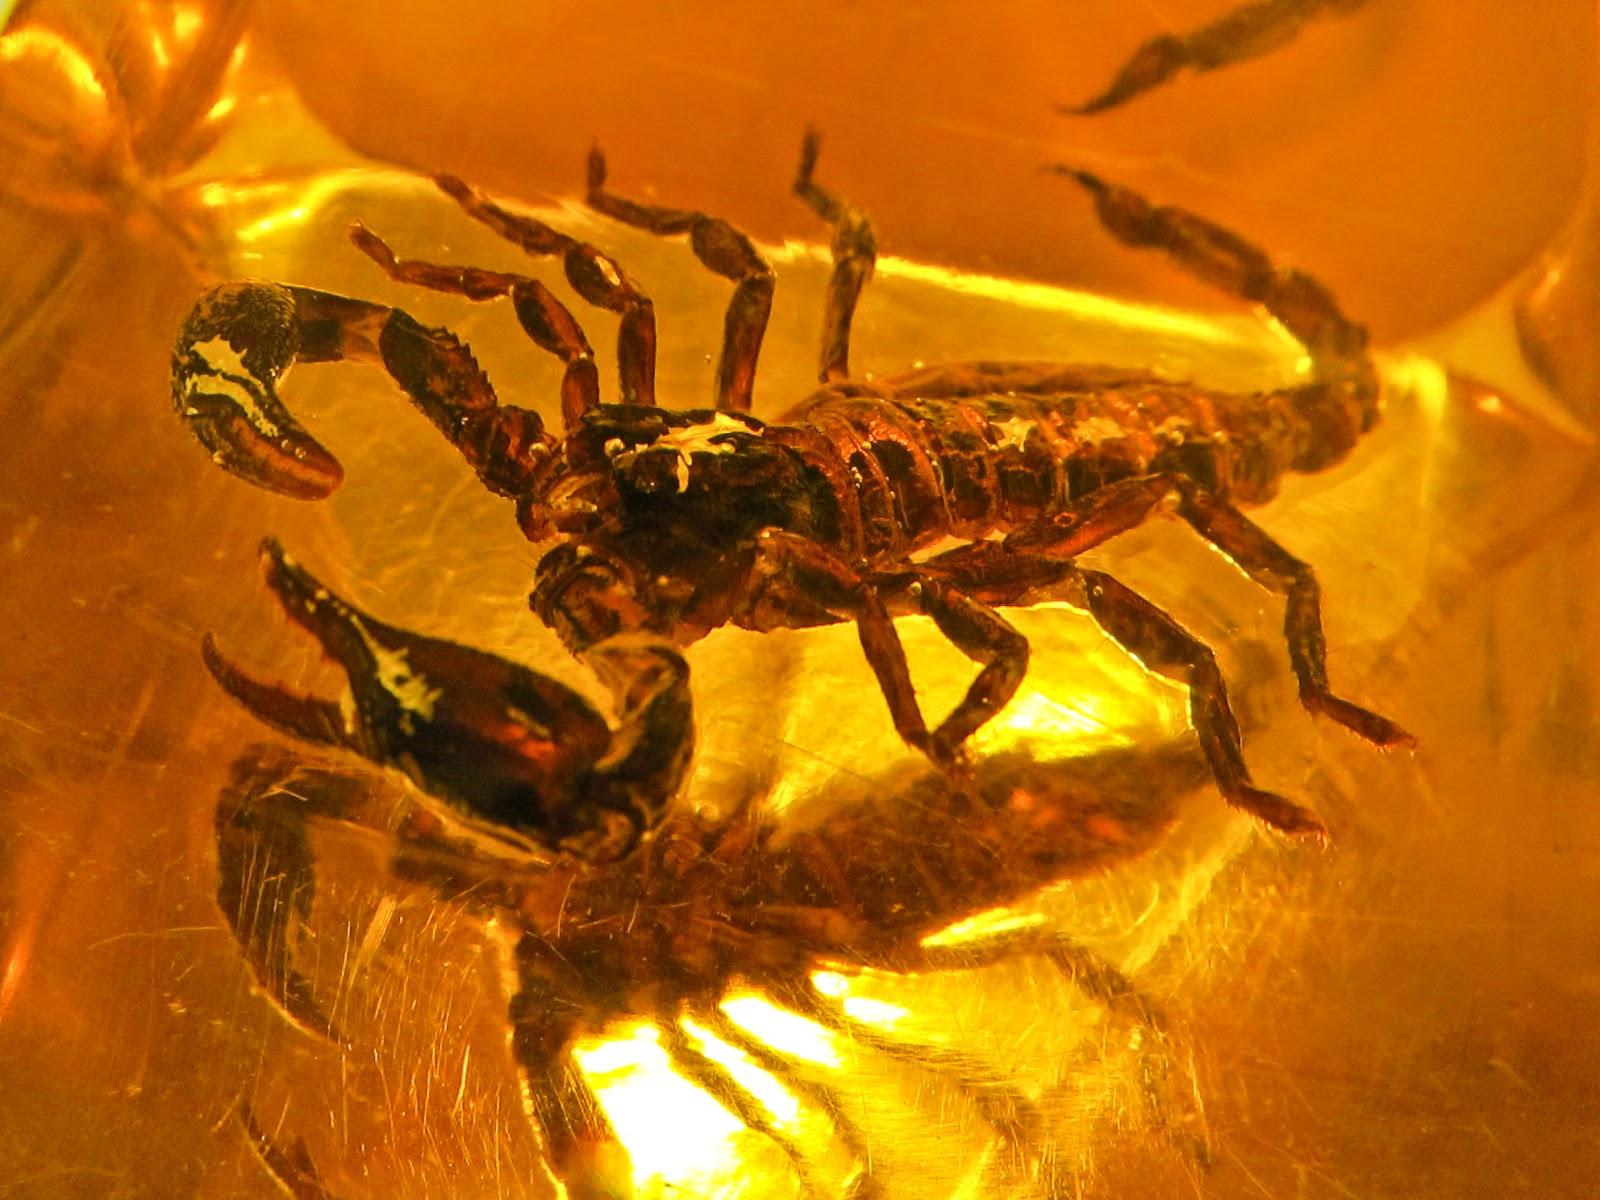 Jad skorpiona, czyli dlaczego warto posłuchać pytania do końca